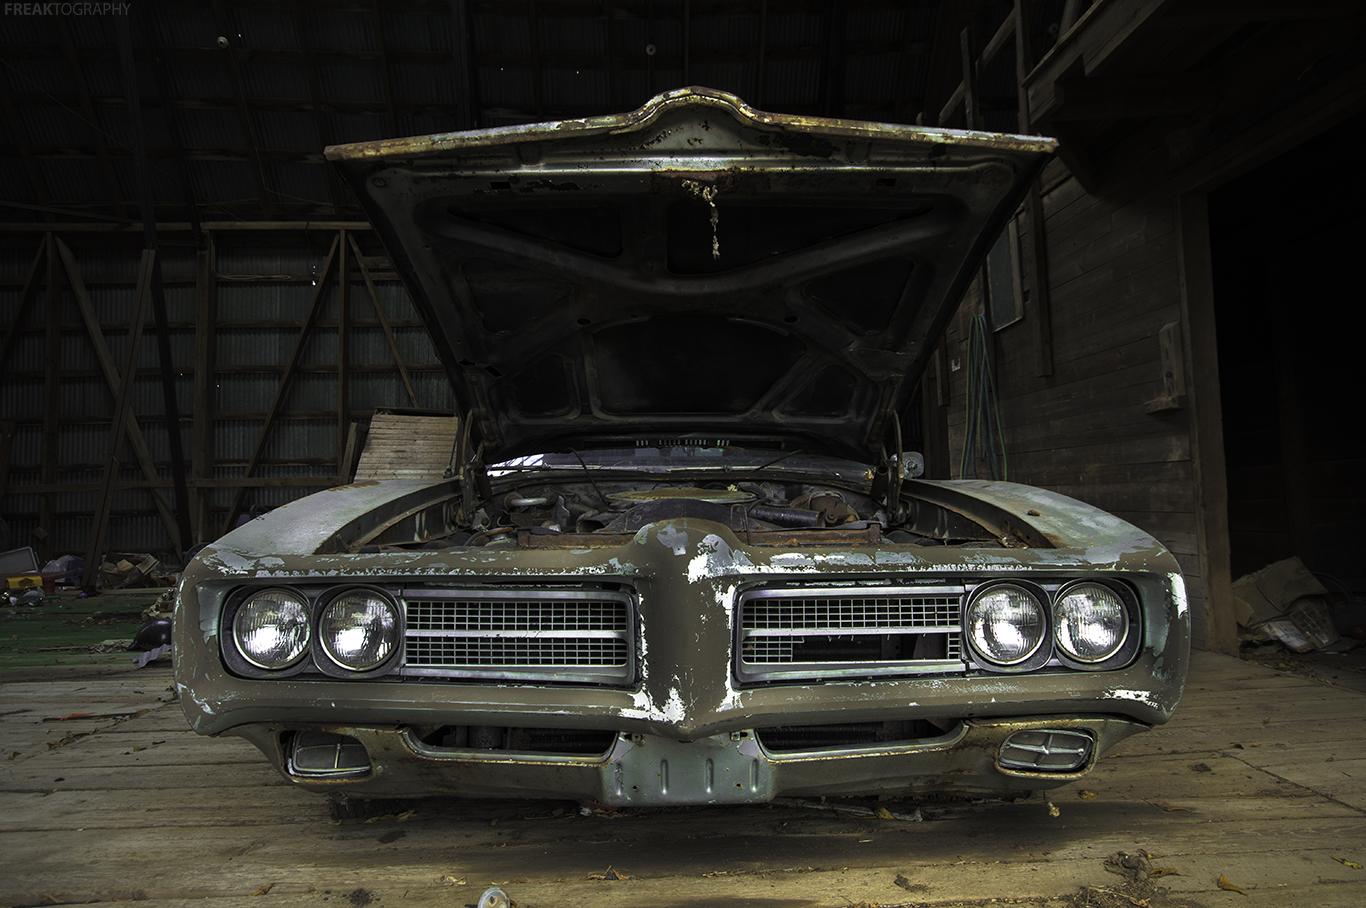 abandoned car freaktography